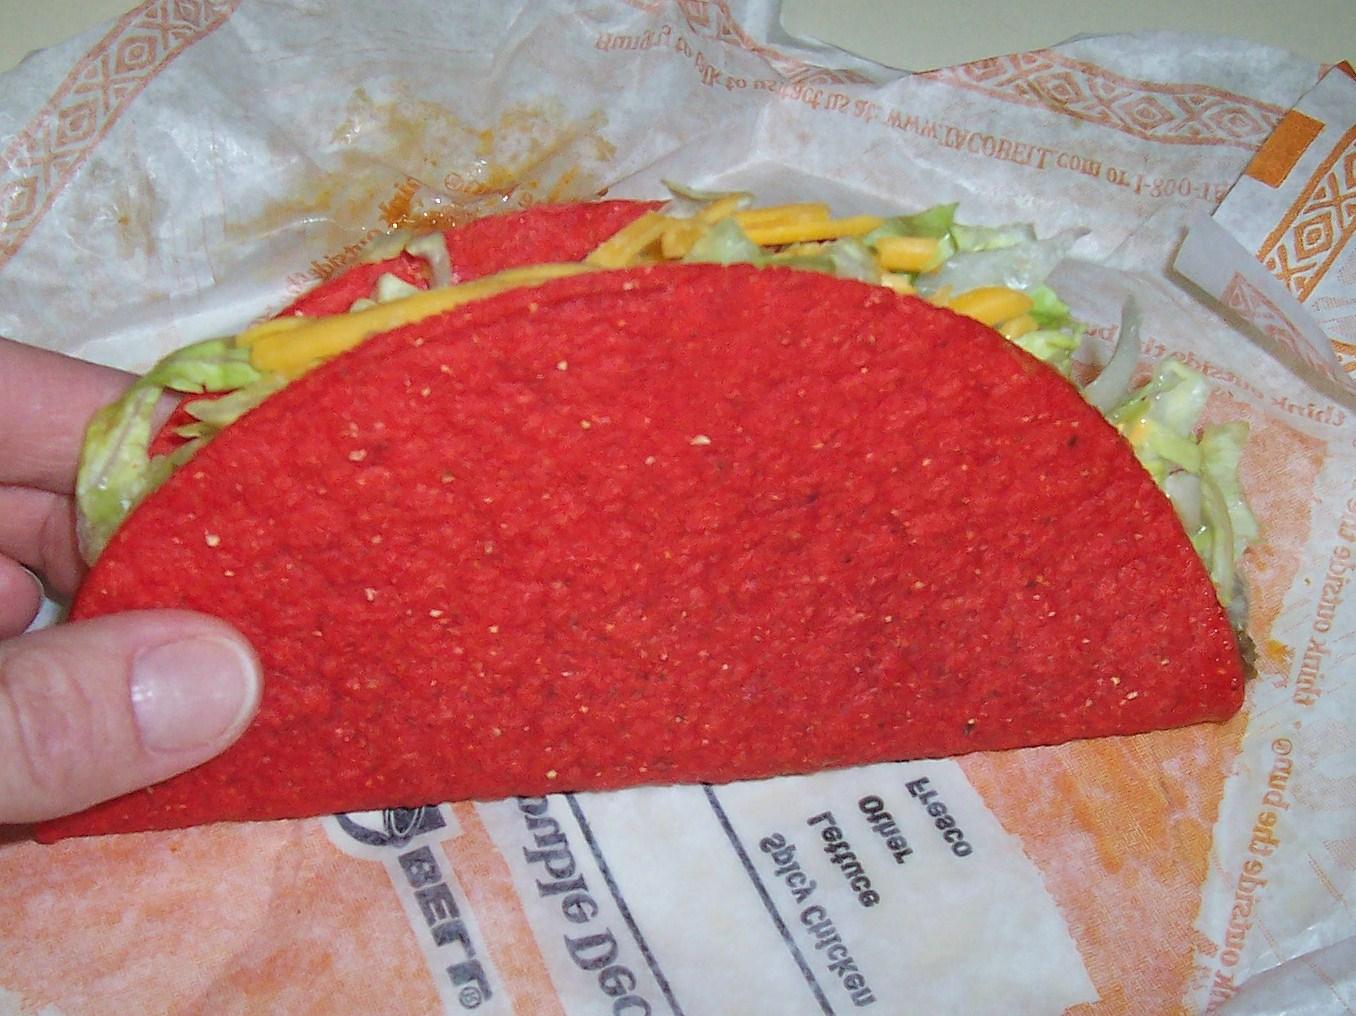 taco-bell-003.jpg